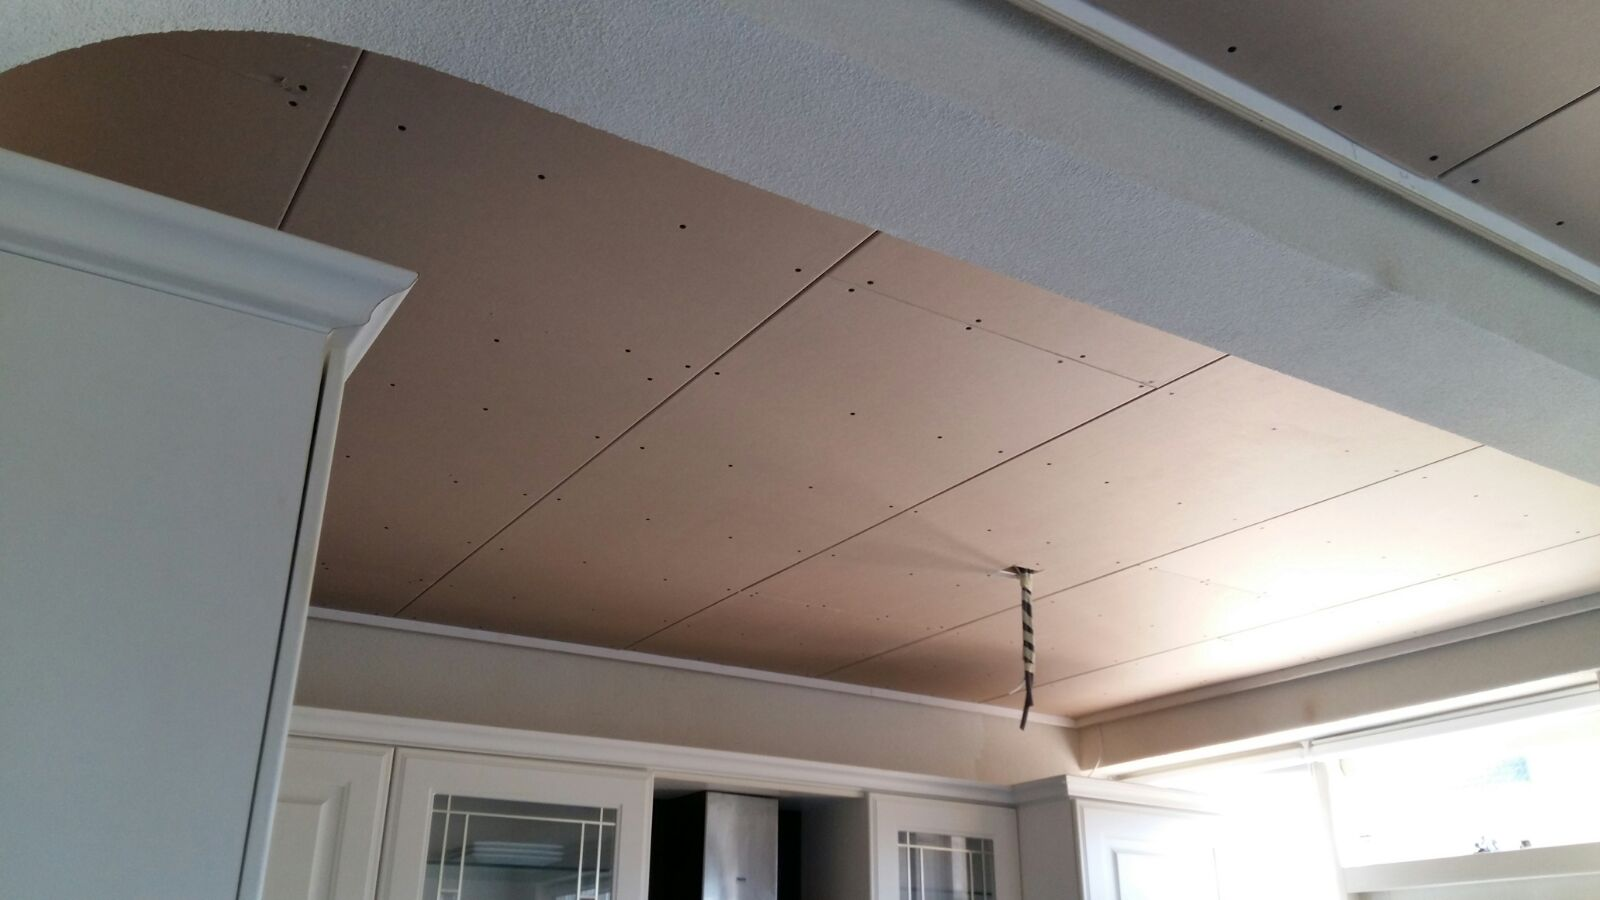 plafond vernieuwen plafond vervangen gipsplaat plafond